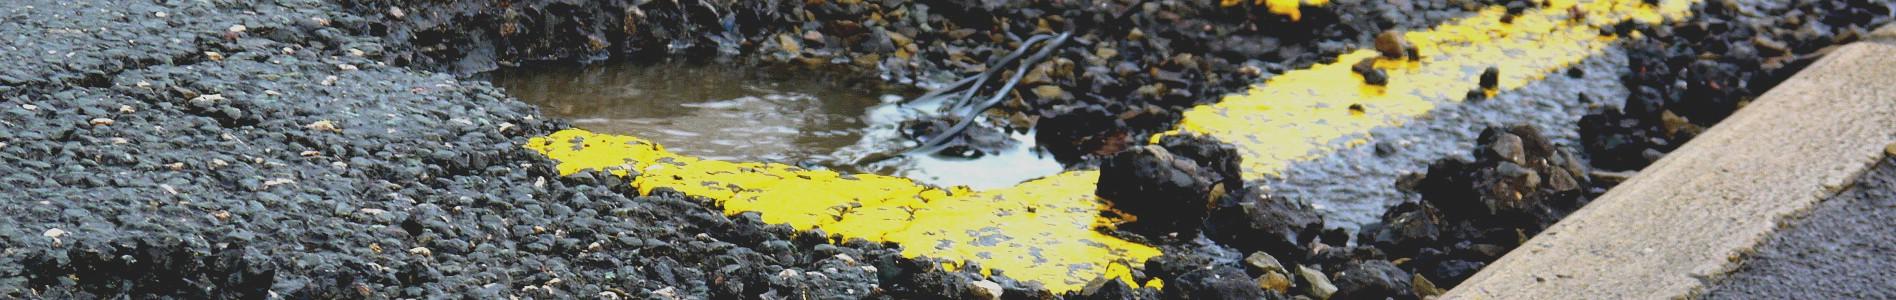 5 car parts that could be damaged by potholes | AutoGuru